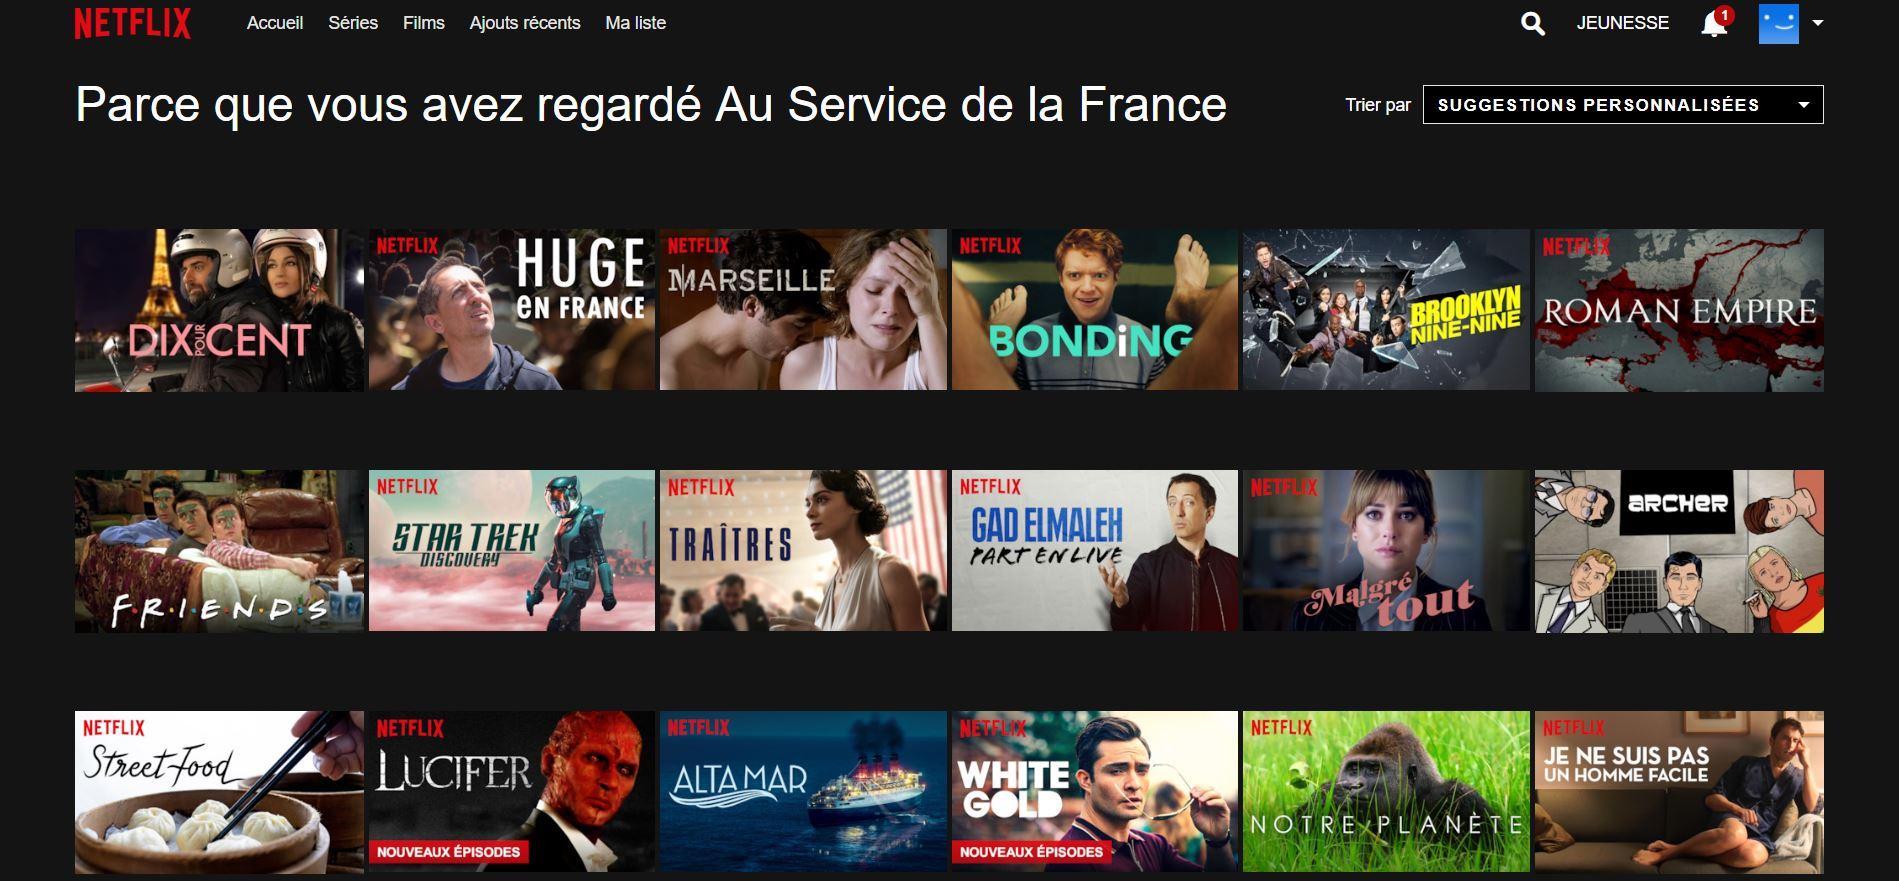 L'algorithme de recommandation de Netflix